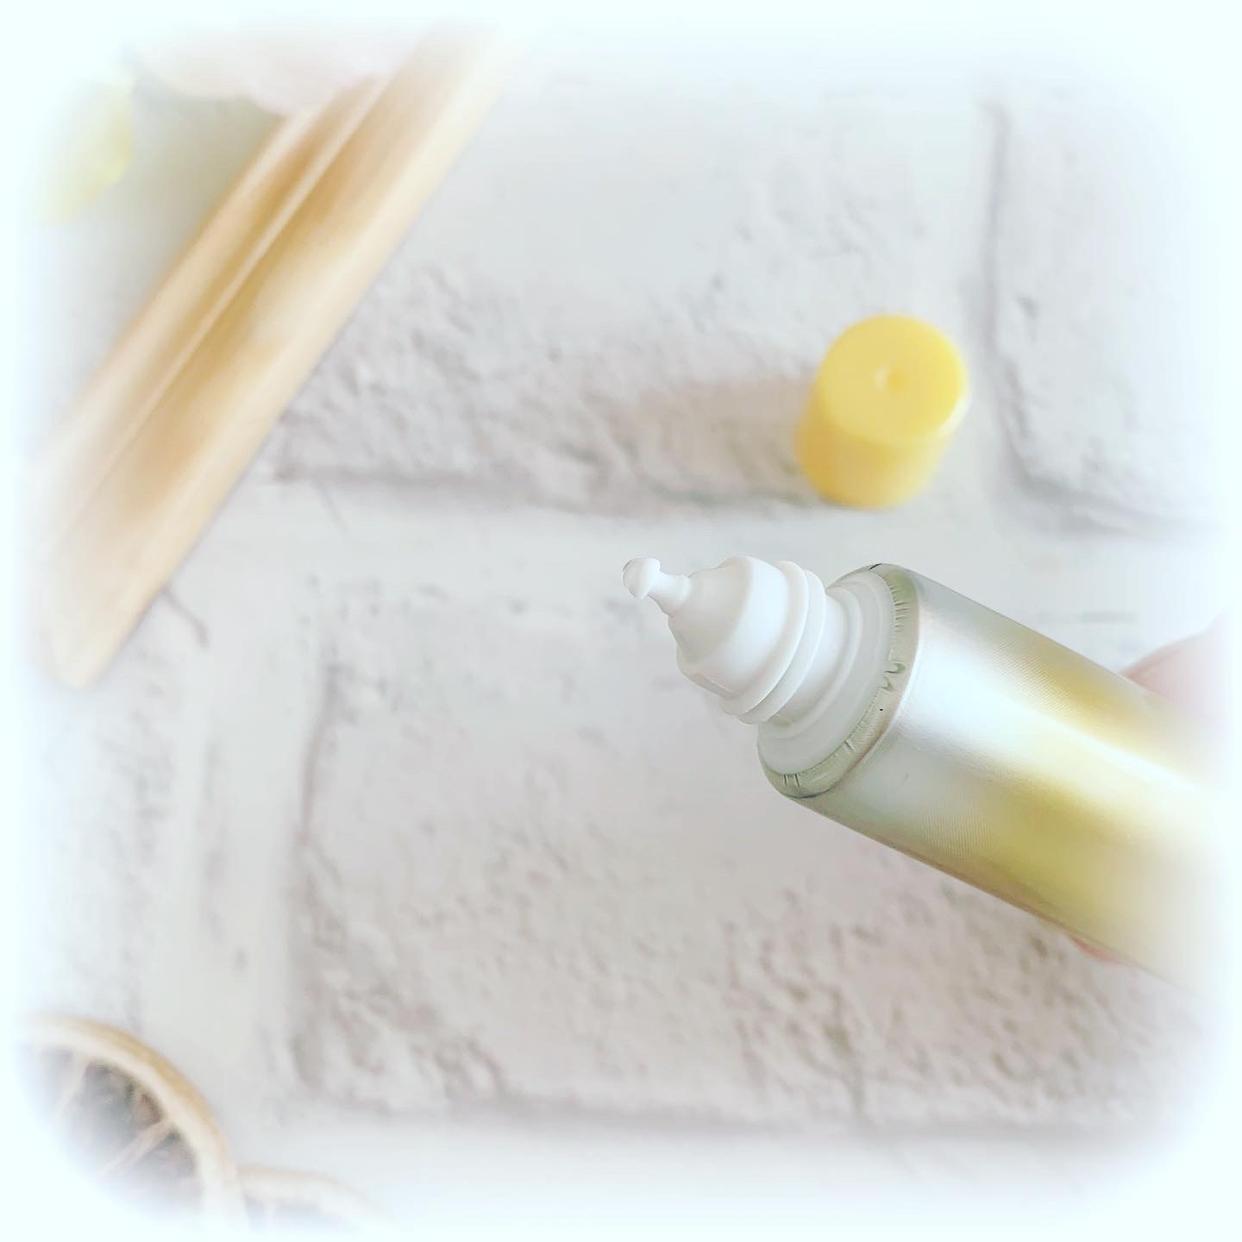 メラノCC 薬用 しみ 集中対策 美容液を使ったsnowmiさんのクチコミ画像2